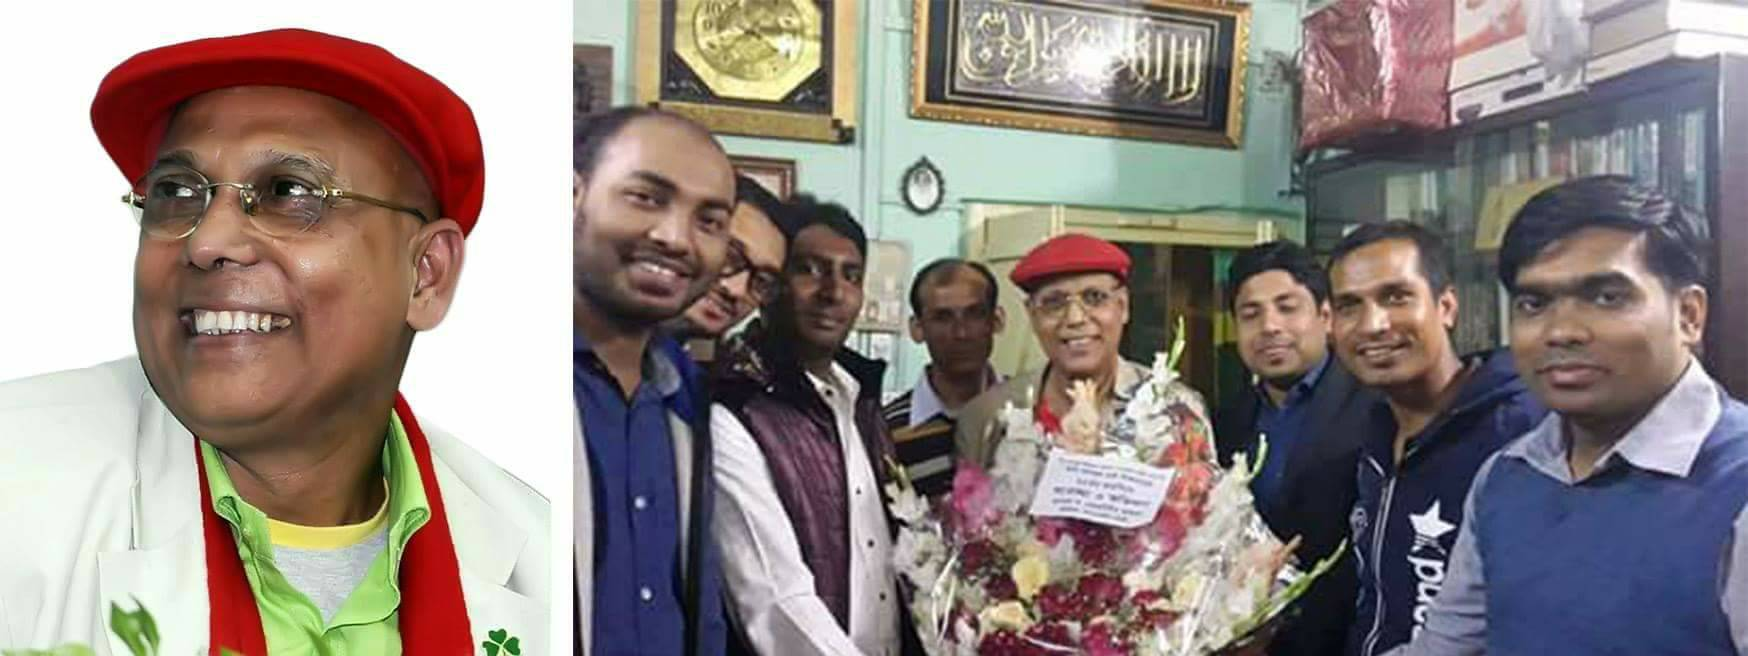 জন্মদিনে  ভালোবাসায় সিক্ত কবি আবদুল হাই শিকদার